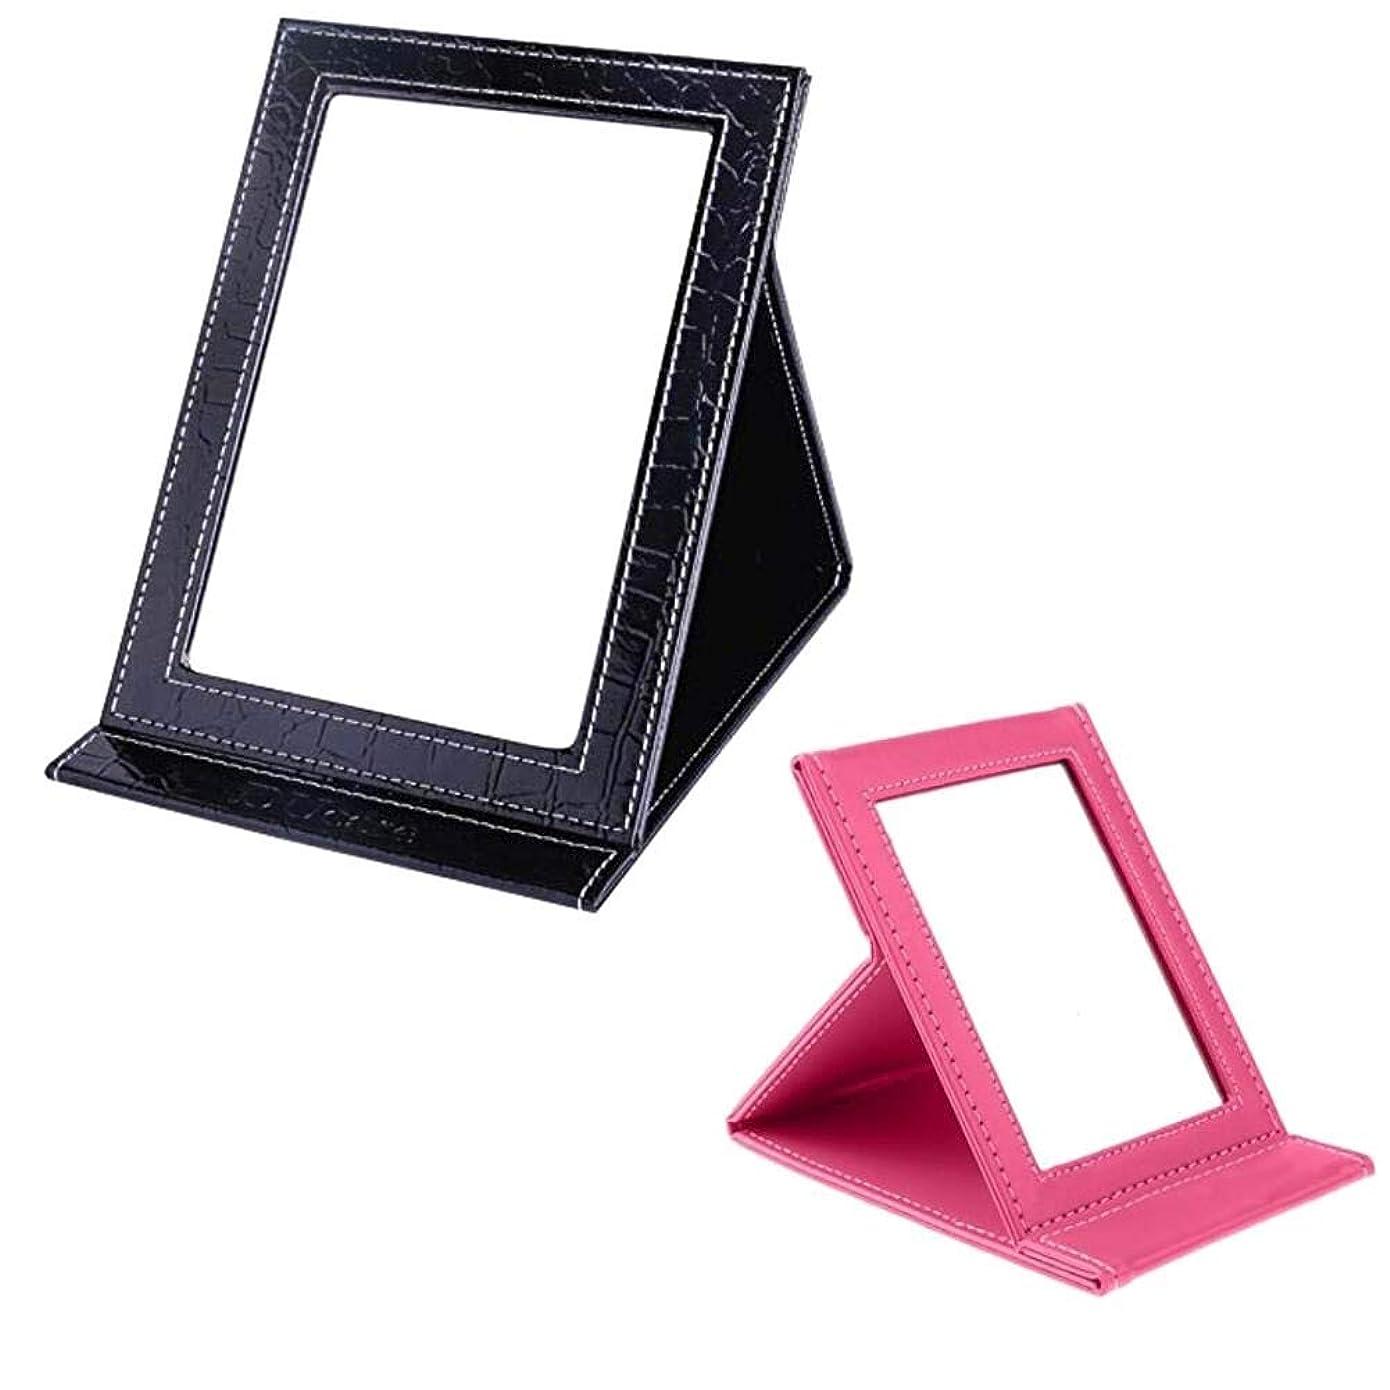 光景ポップ涙が出るポータブルトラベルバニティミラーデスクトップ折りたたみミラー、化粧品個人用美容用スタンド付き卓上ミラー、化粧鏡メイクアップ用に立っている大型折りたたみミラー